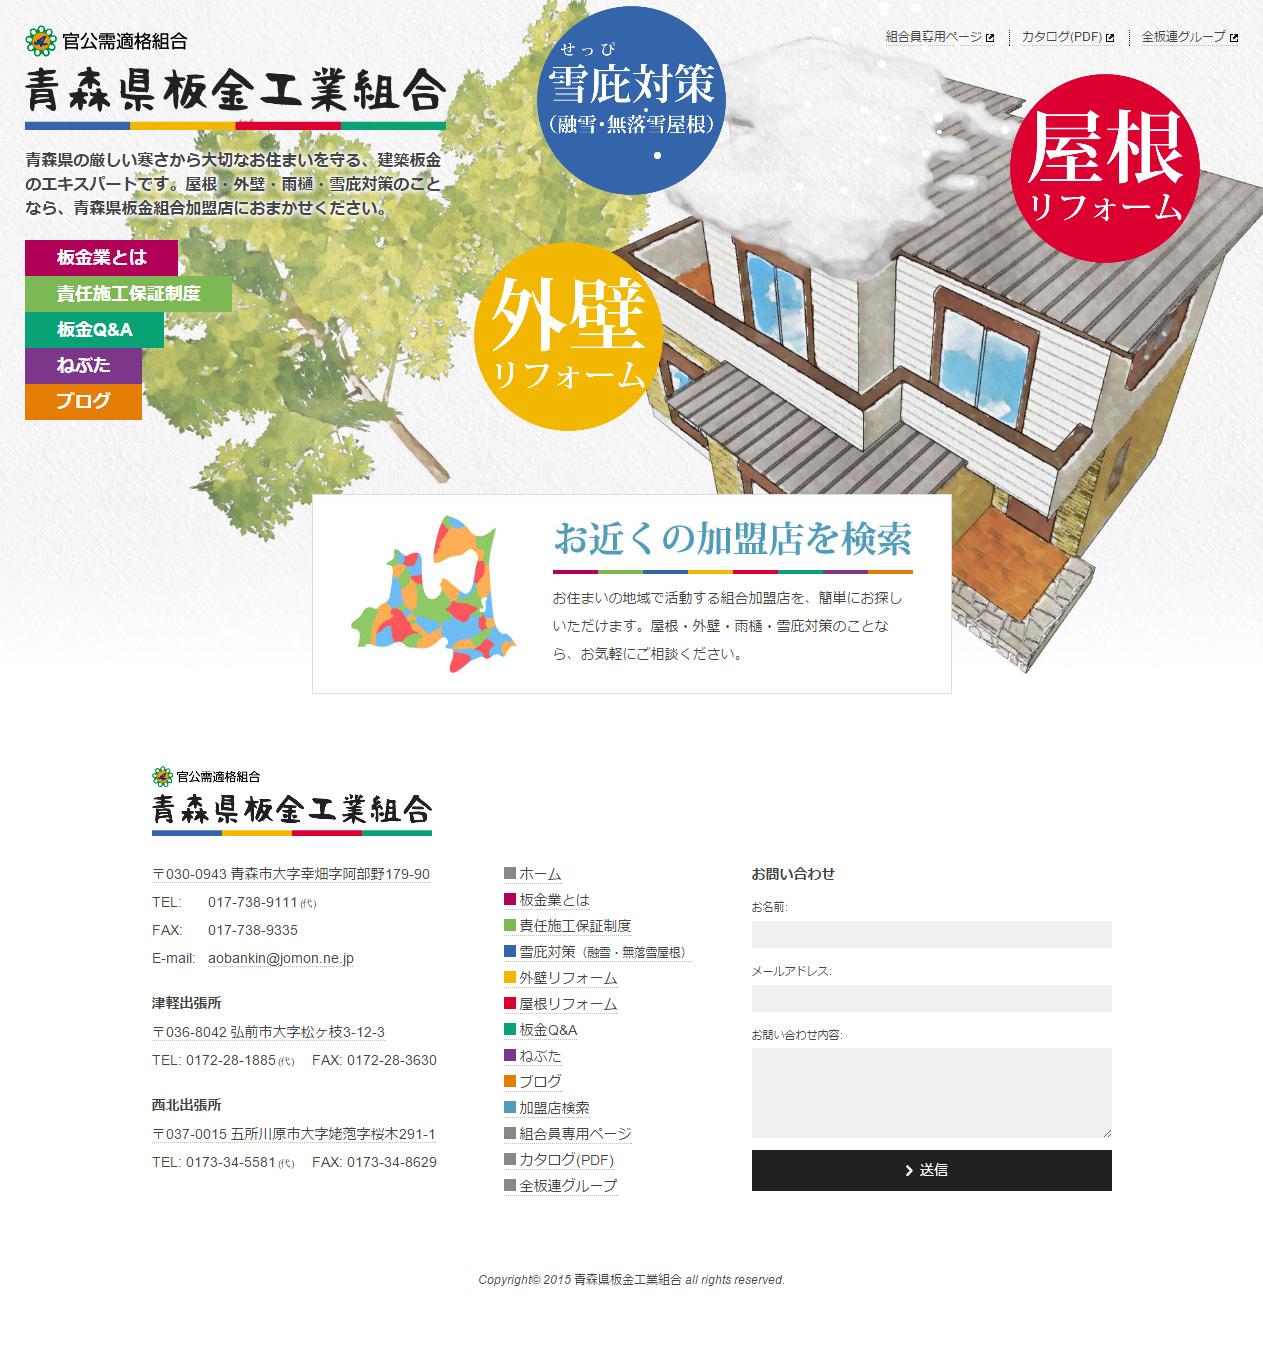 青森県板金工業組合 様 ホームページ